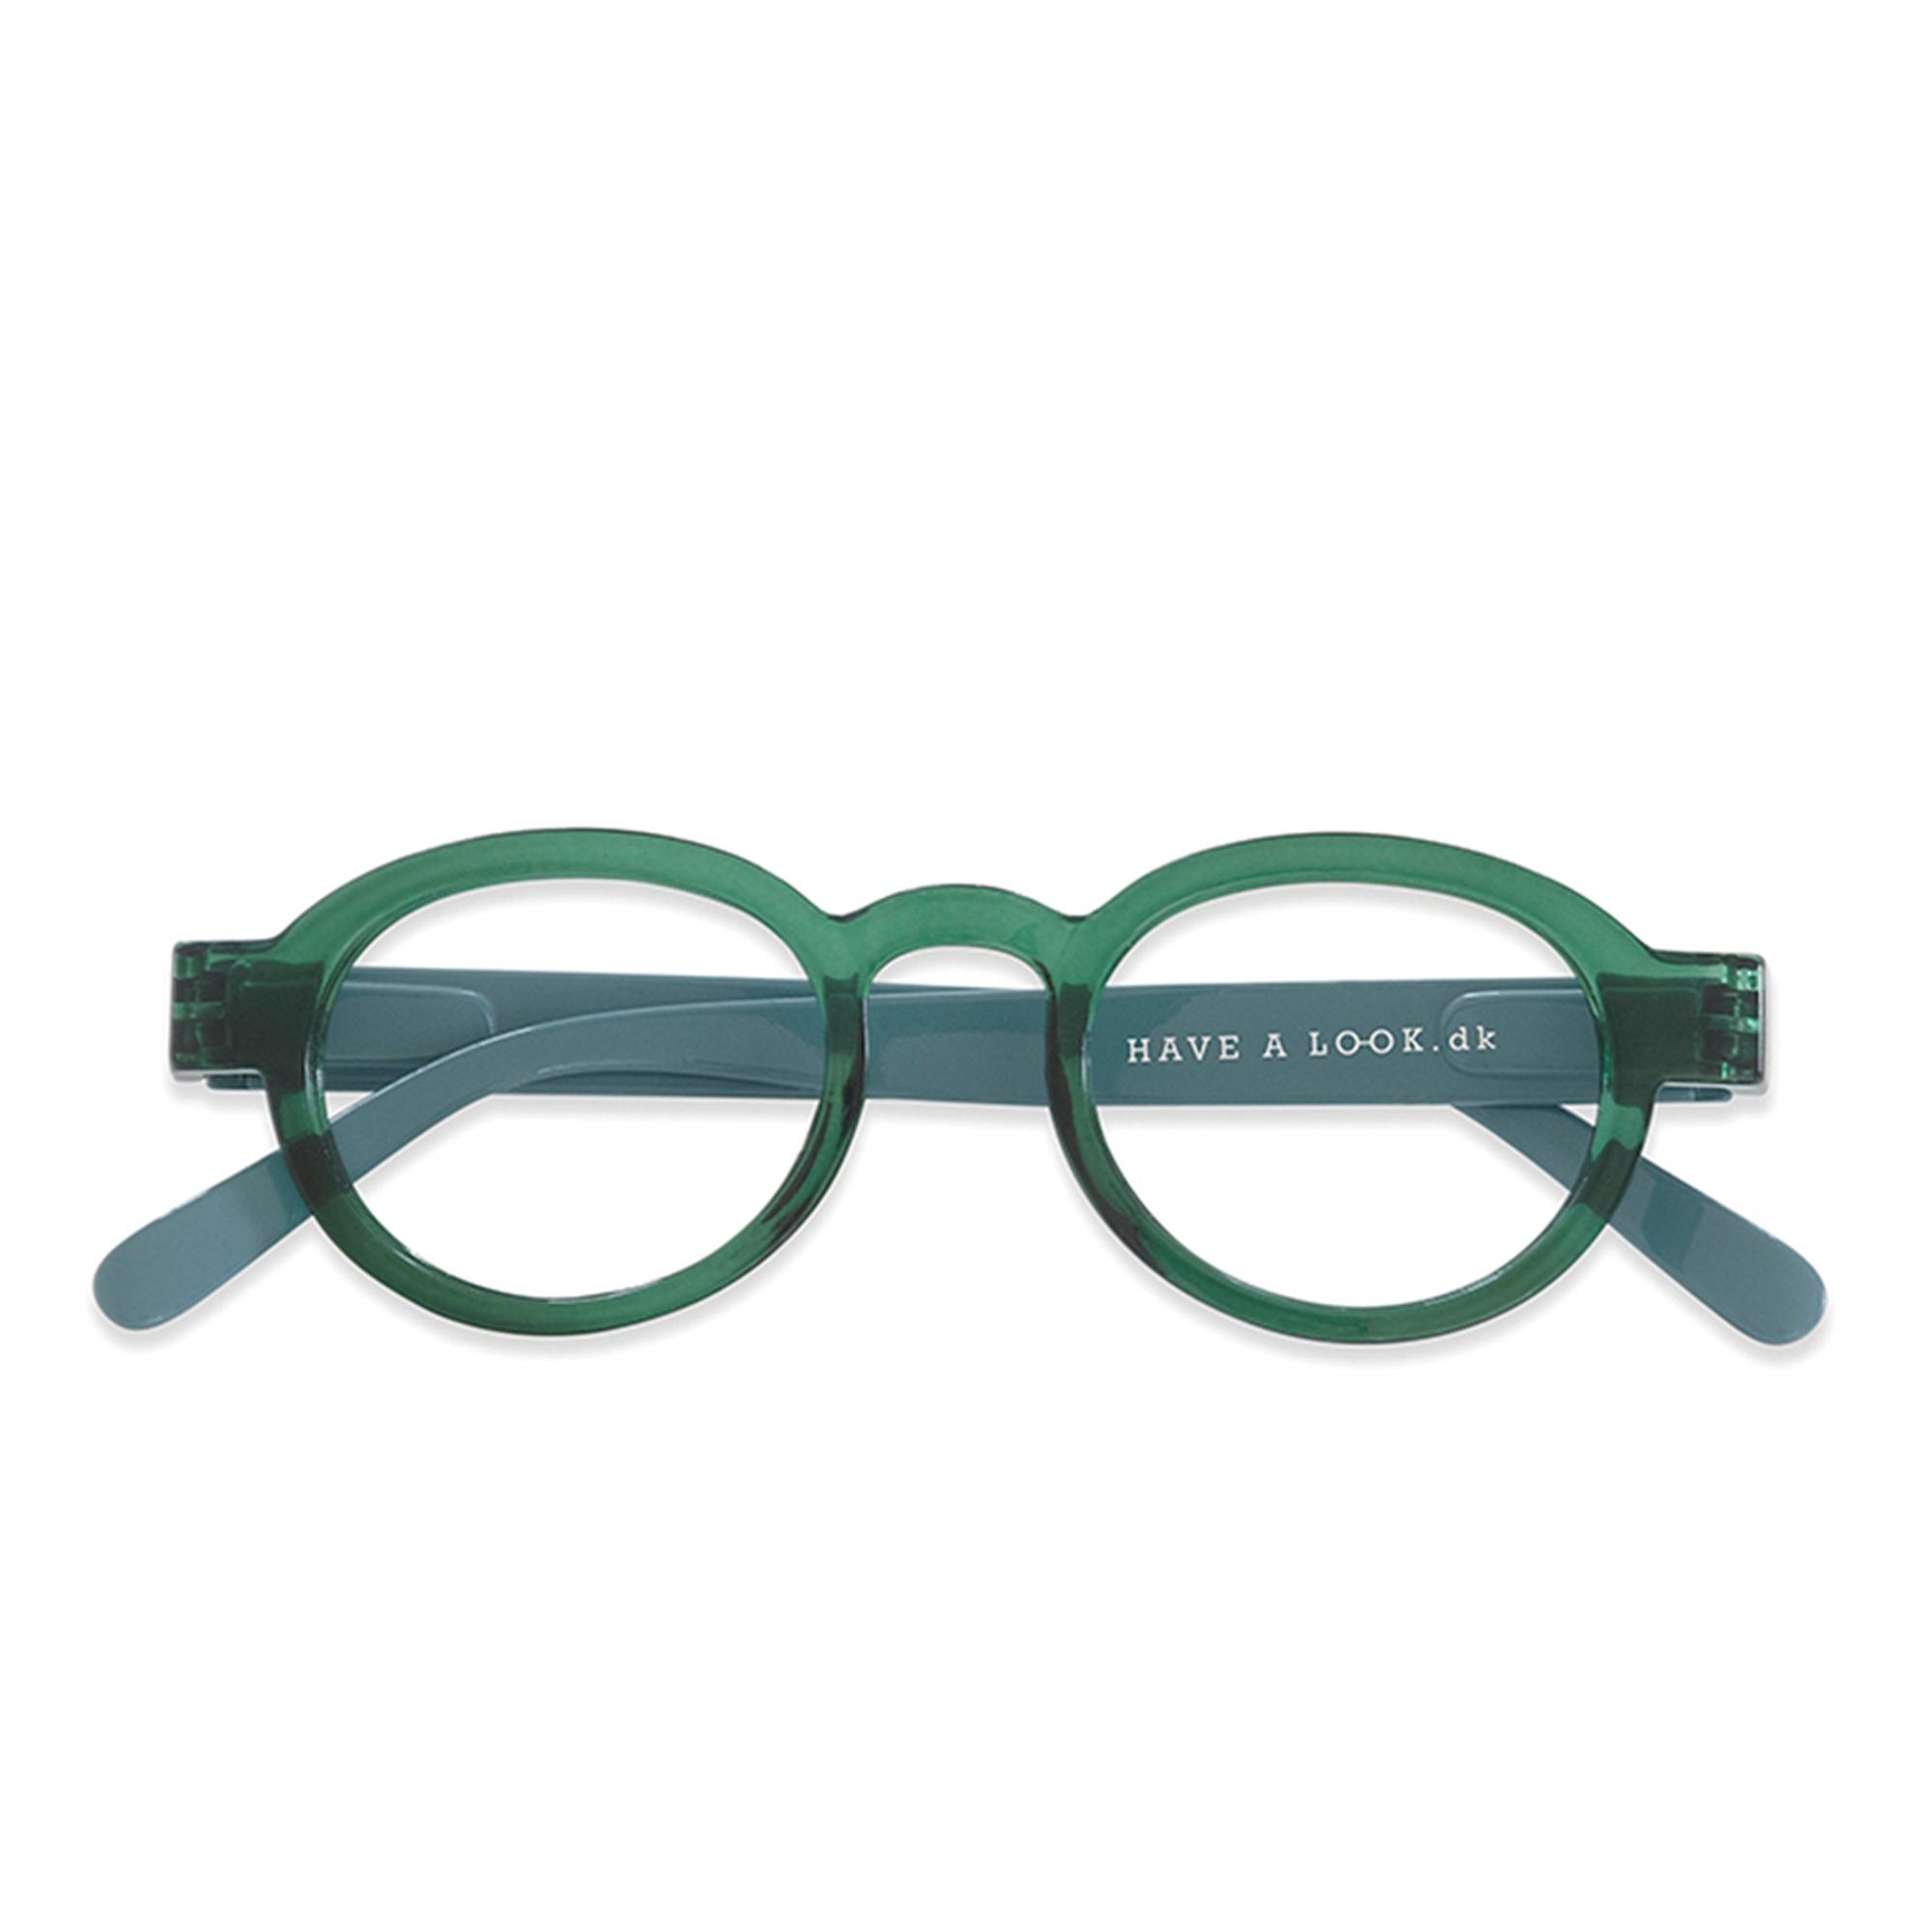 Designtorget Läsg Circle Twist green/blue +1